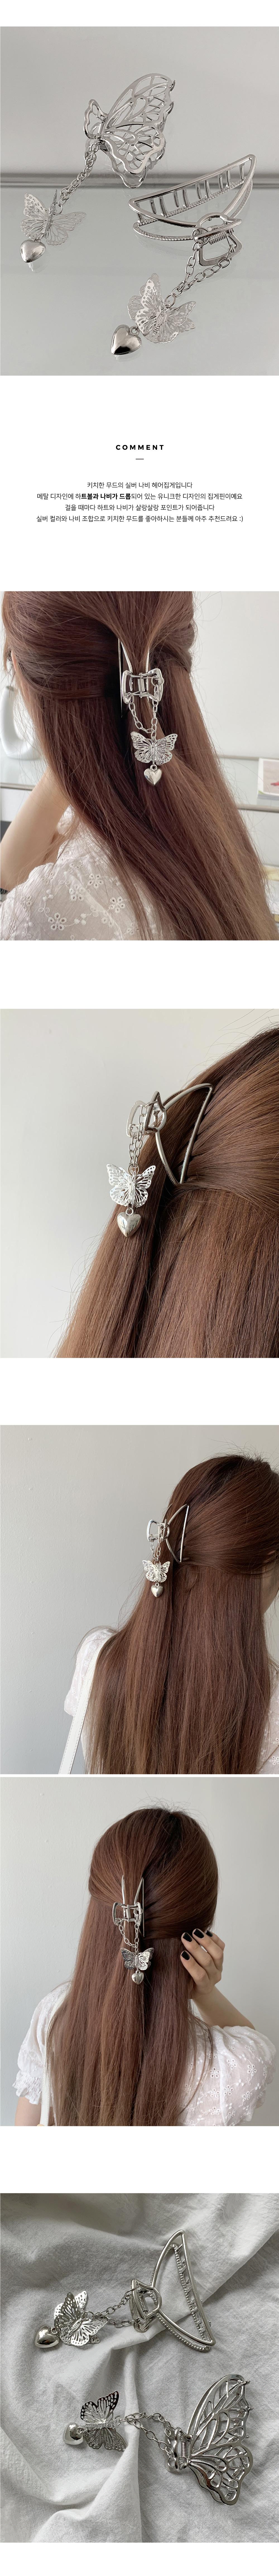 マーベルキッチリハートボールドロップ蝶メタルヘアはさみ